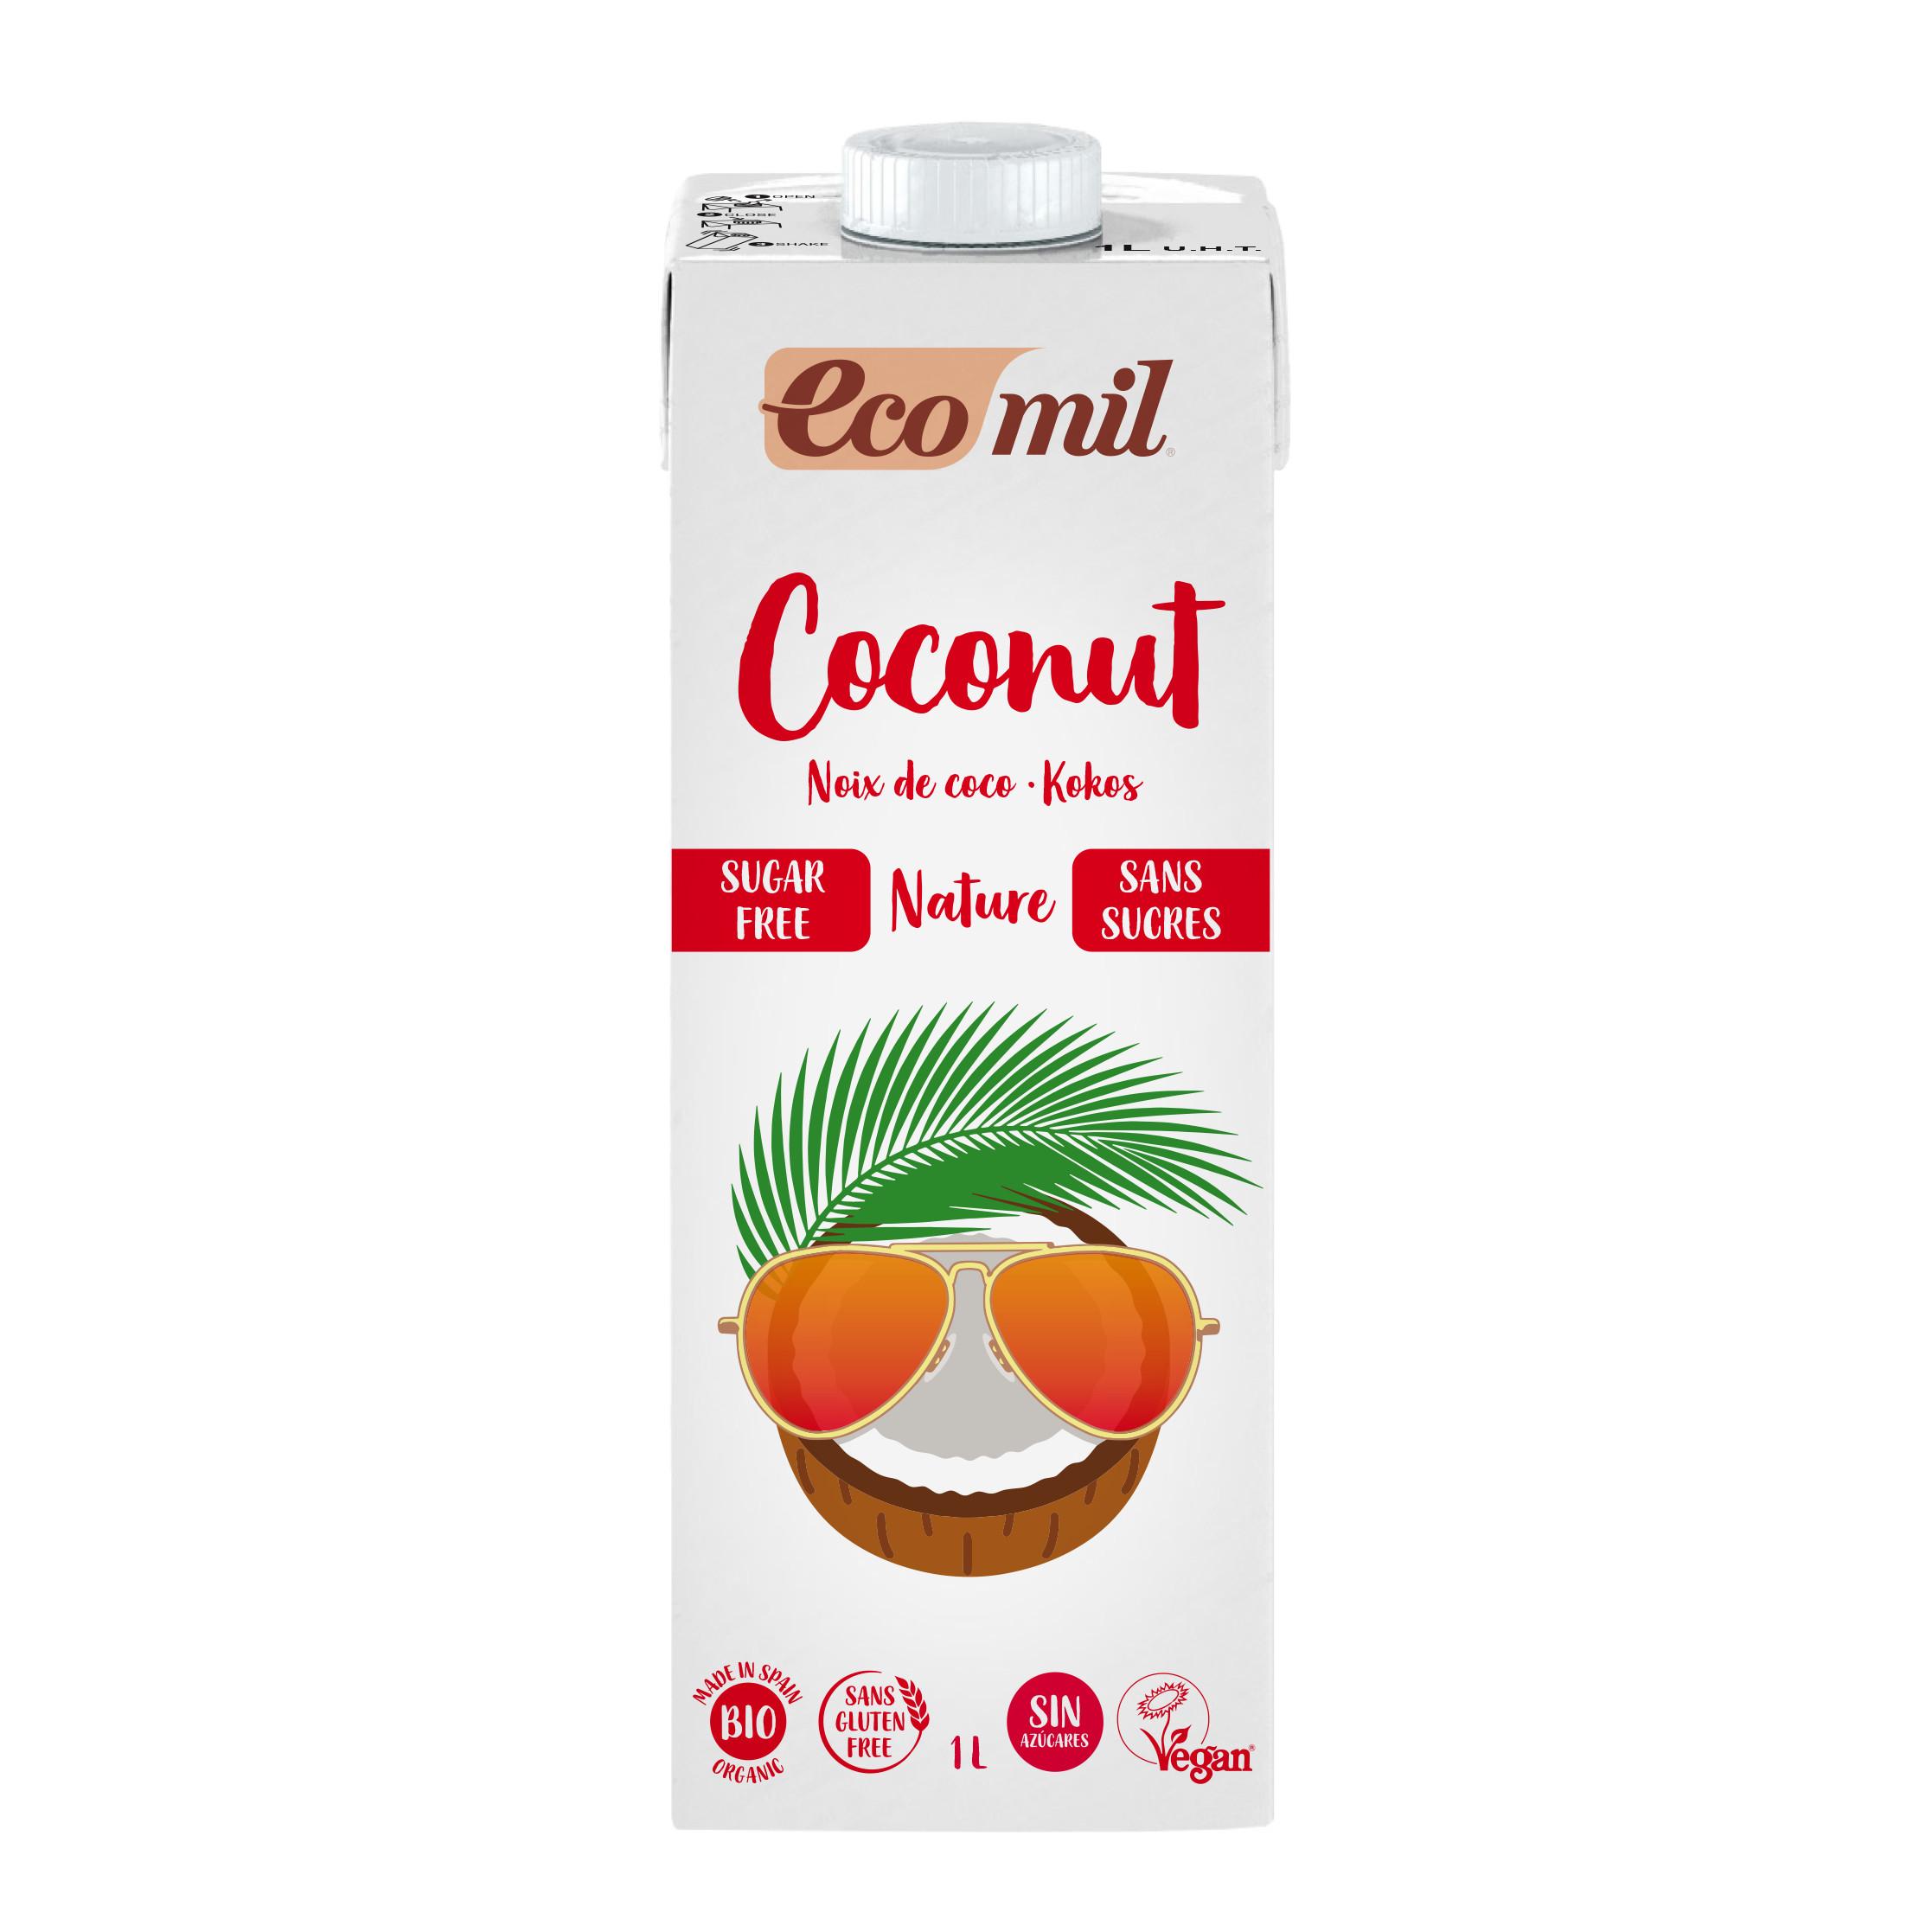 Sữa Dừa Không Đường Hữu Cơ Ecomil 1L - Organic Coconut Milk Sugar-free